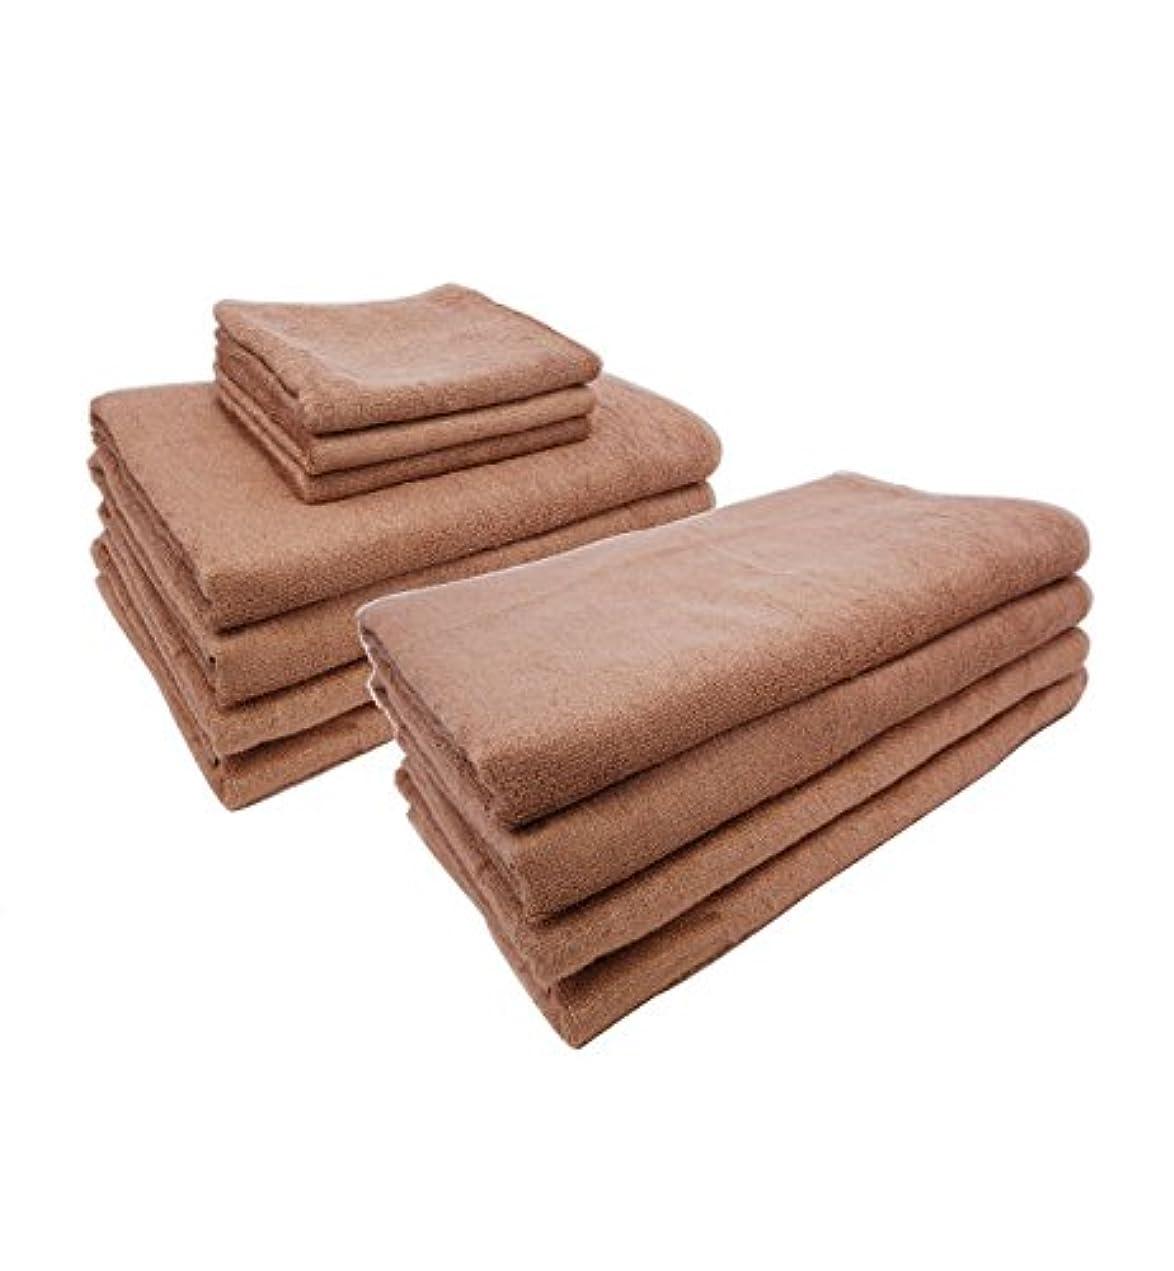 業務用タオル まとめ売り やわらか バンブー 竹繊維 バスタオルL(ソフトベージュ10枚) 80×150cm 竹タオル